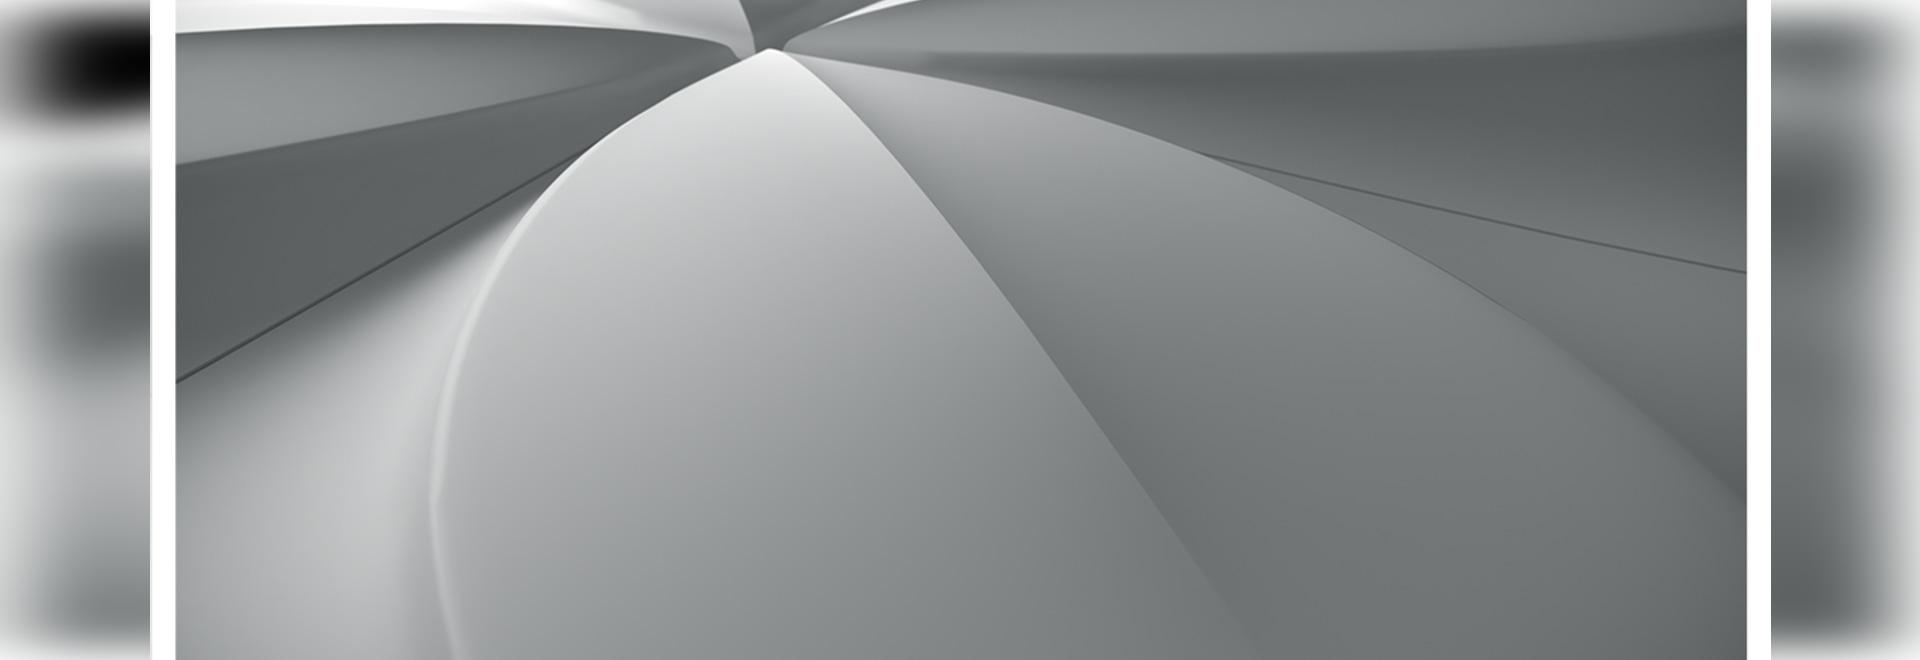 Réalisation murale tridimensionnelle - FLOWER - Un design aux effets garantis